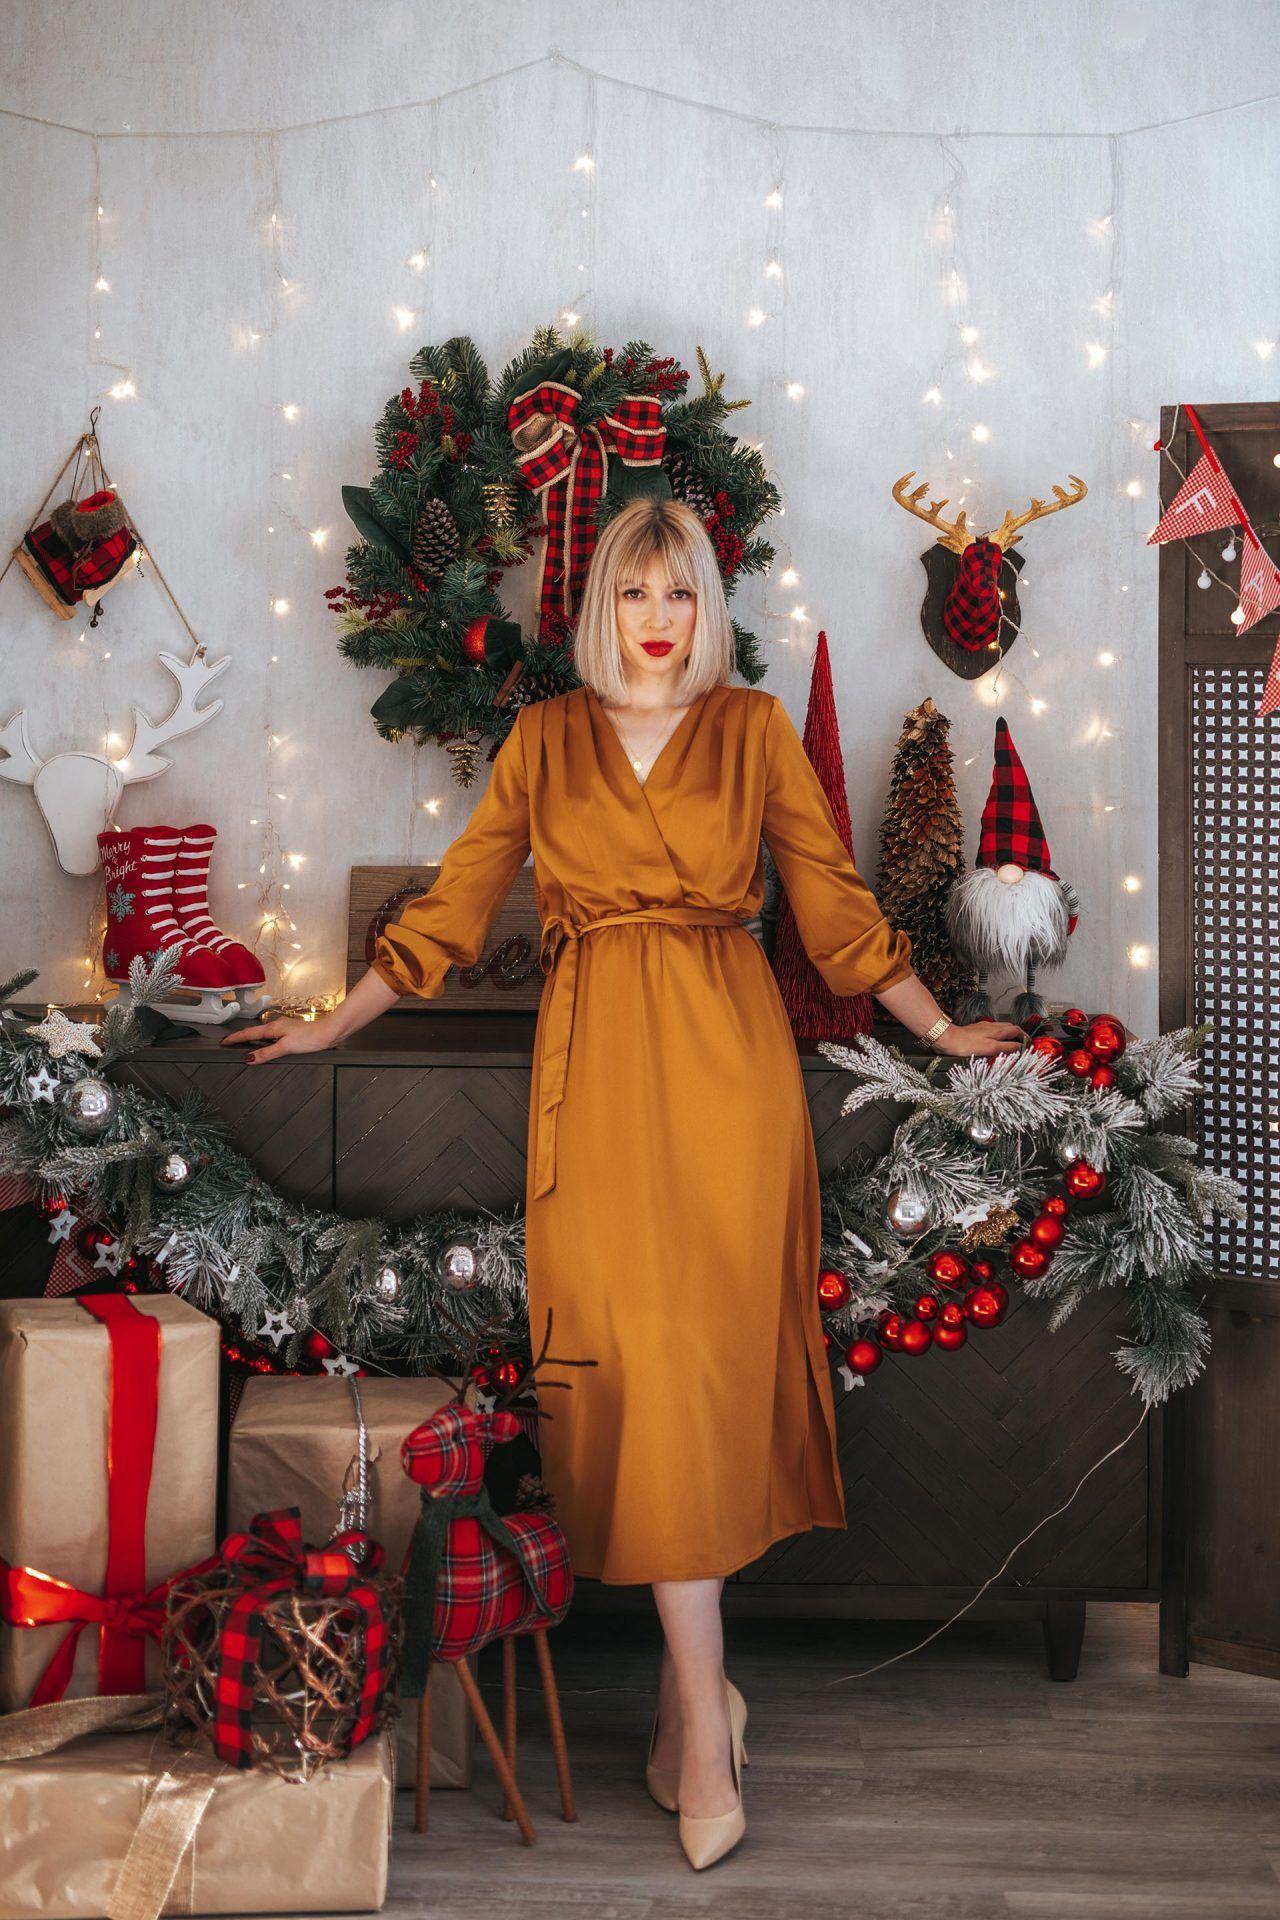 satin dress for christmas (5 of 10)